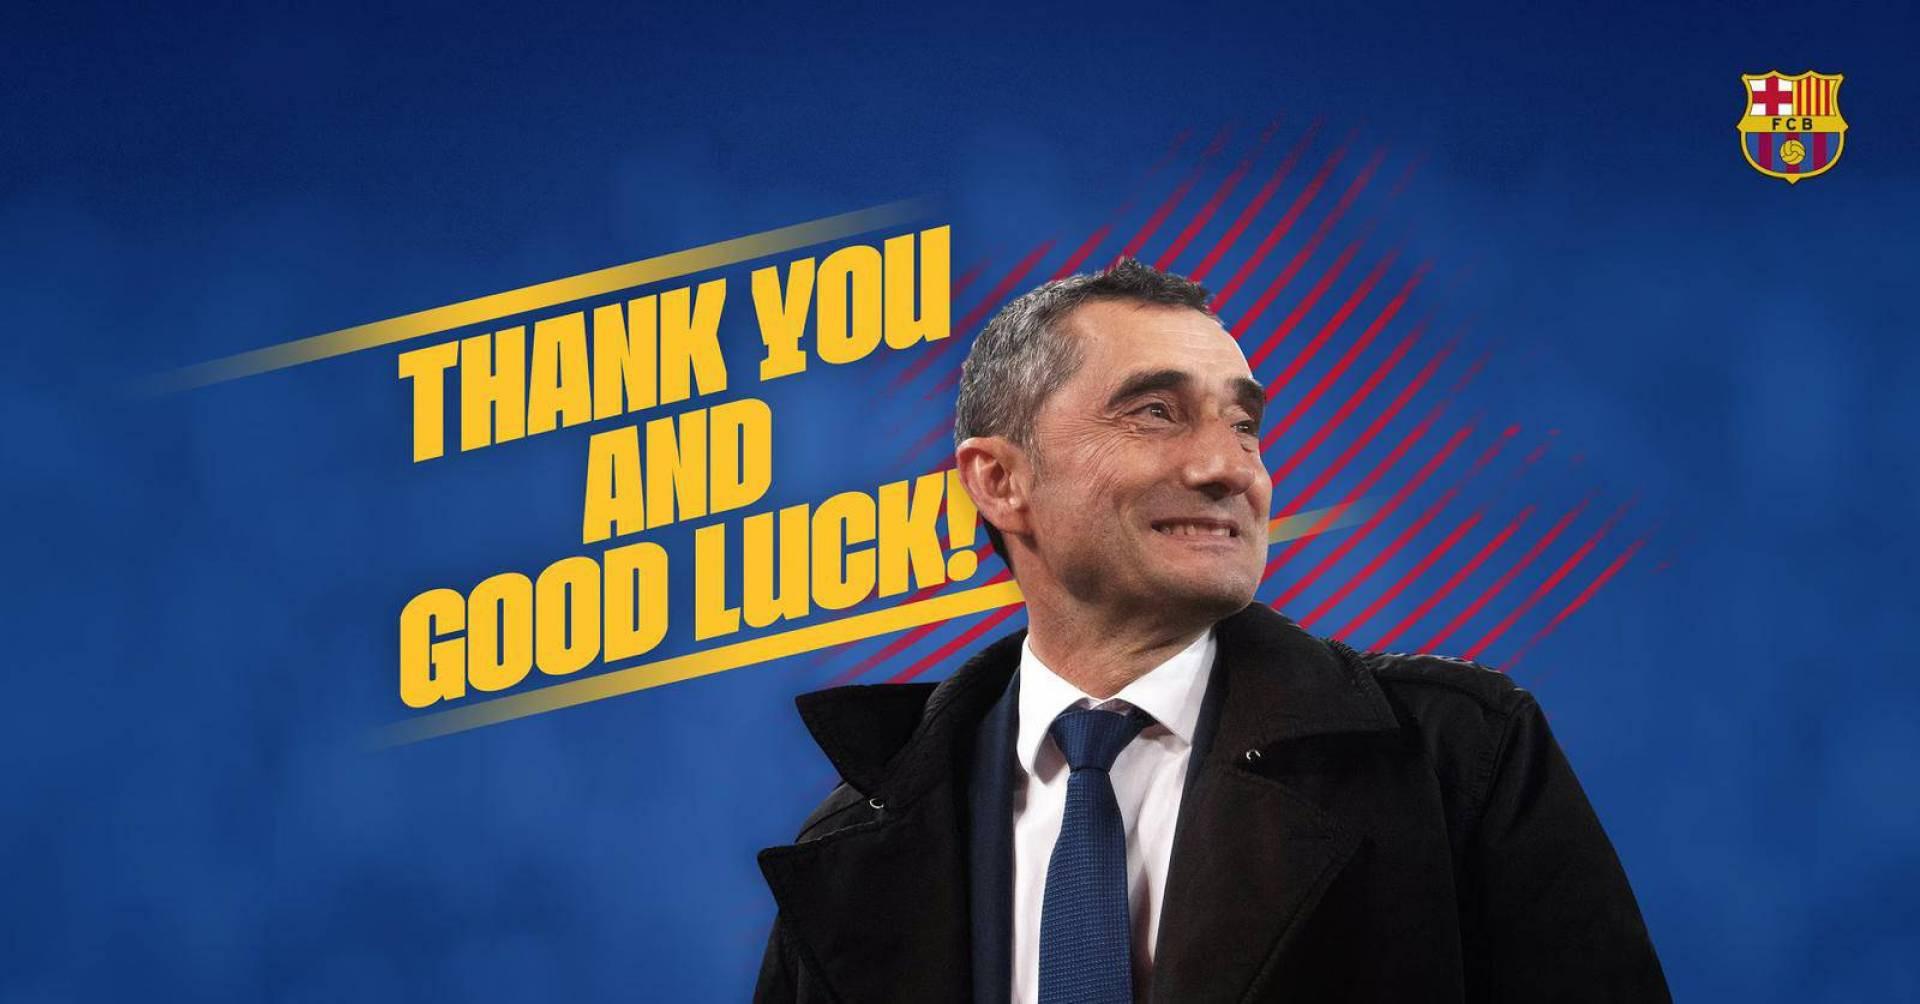 رسمياً.. برشلونة يعلن إقالة فالفيردي